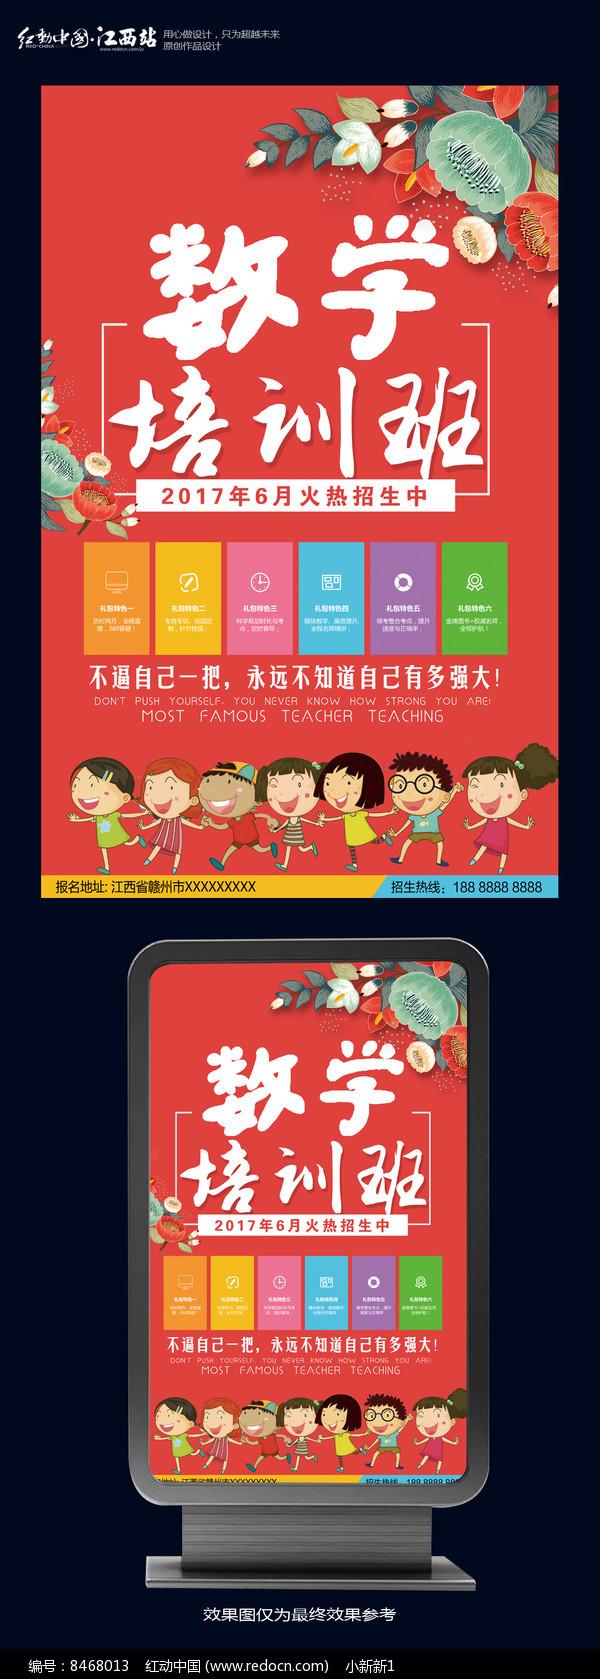 数学培训班海报psd素材下载_海报设计图片_编号_红动图片